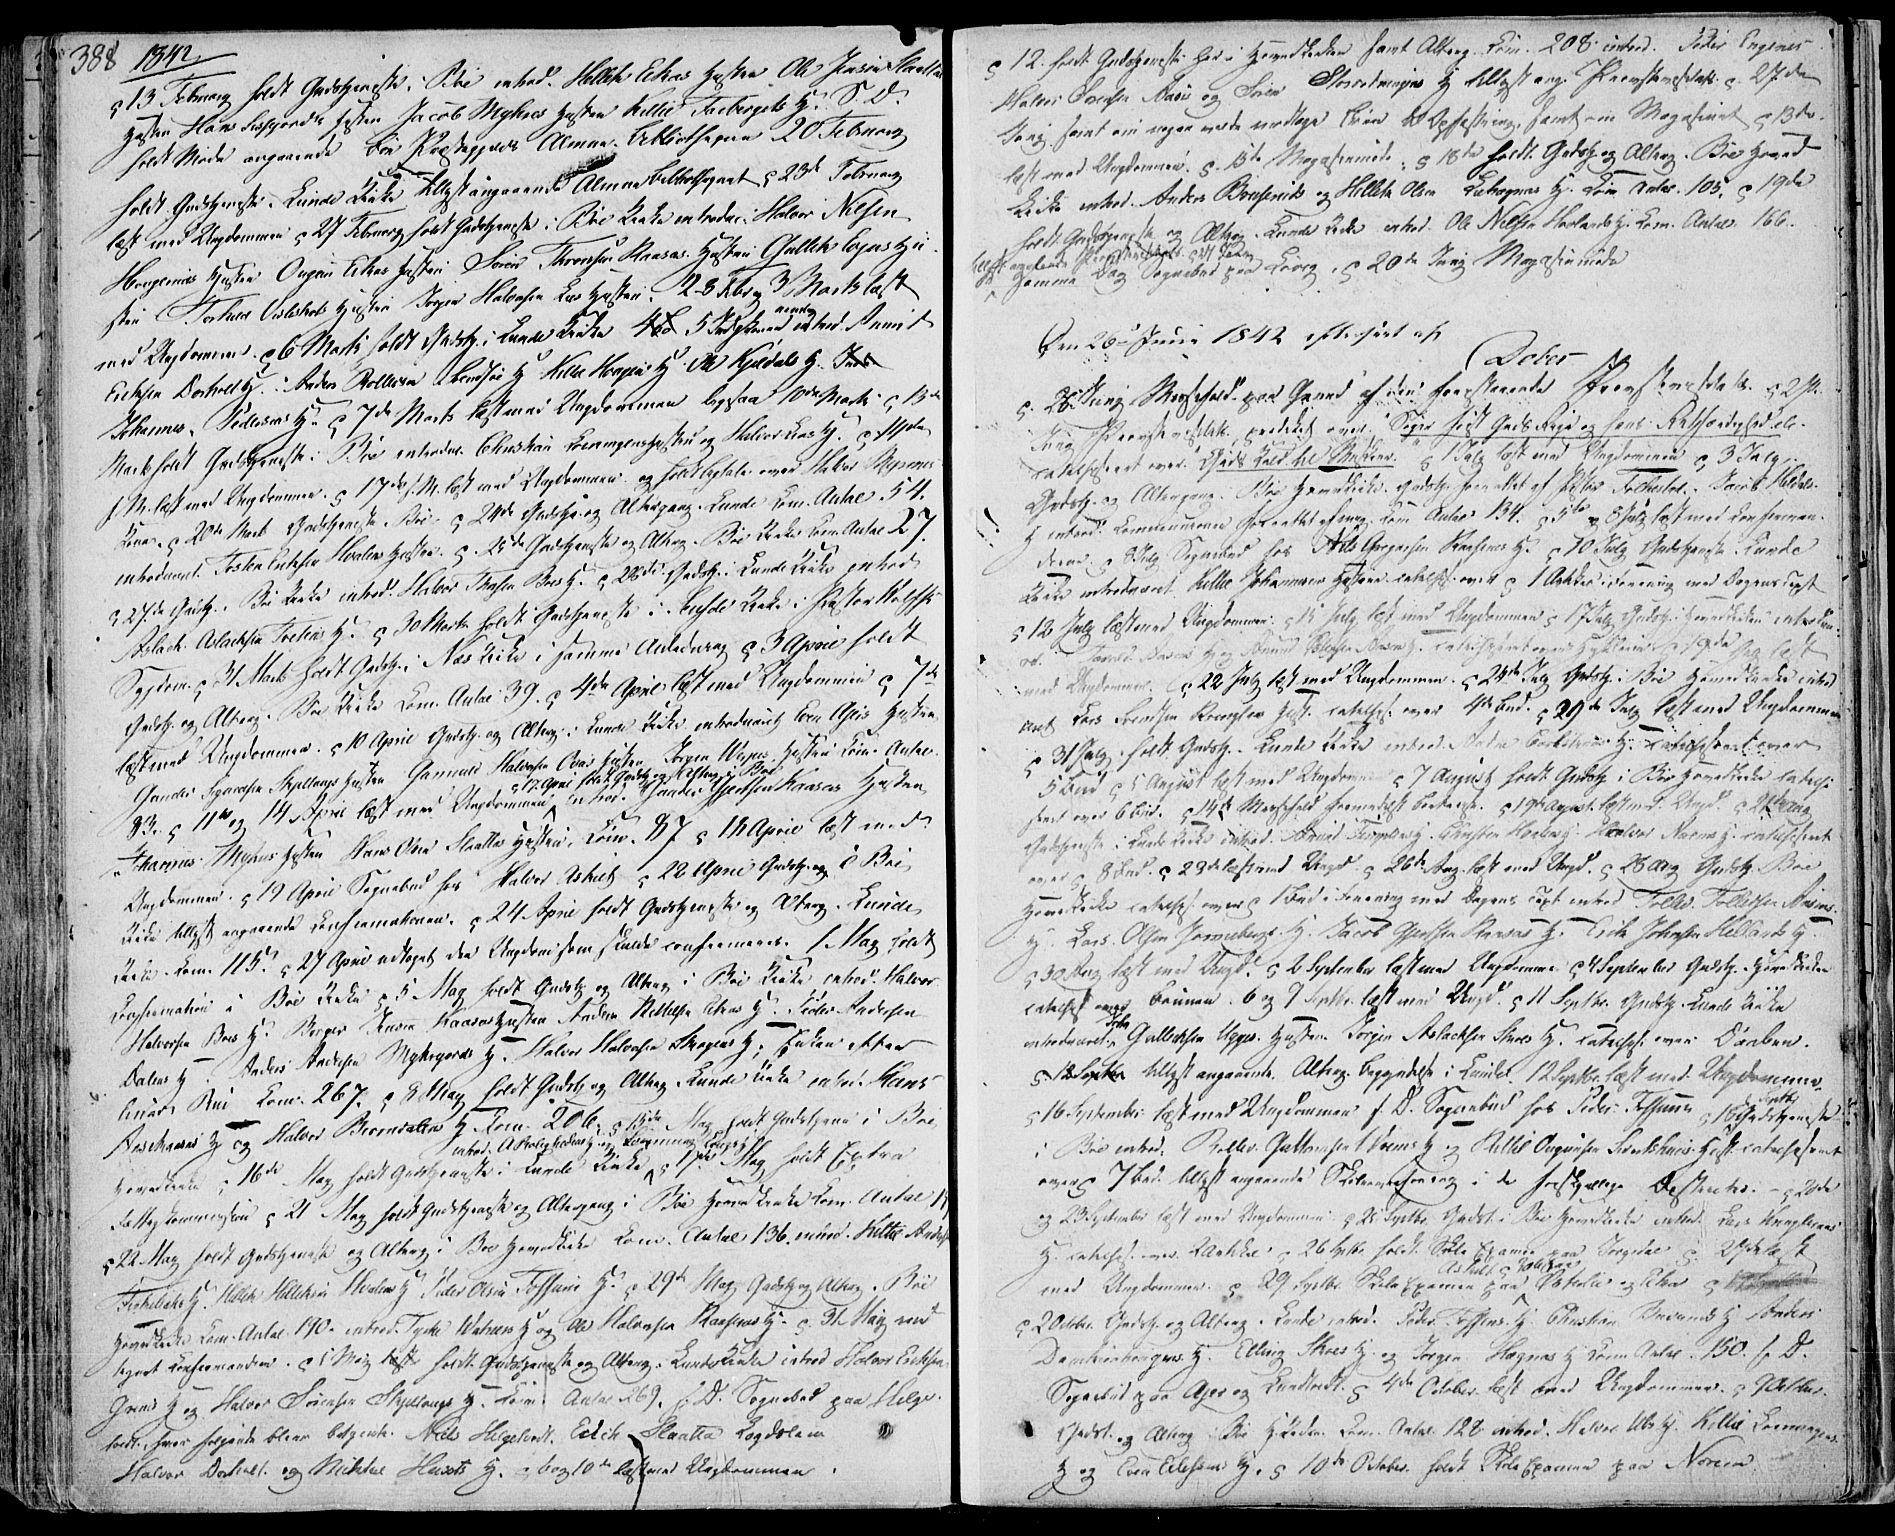 SAKO, Bø kirkebøker, F/Fa/L0007: Ministerialbok nr. 7, 1831-1848, s. 388